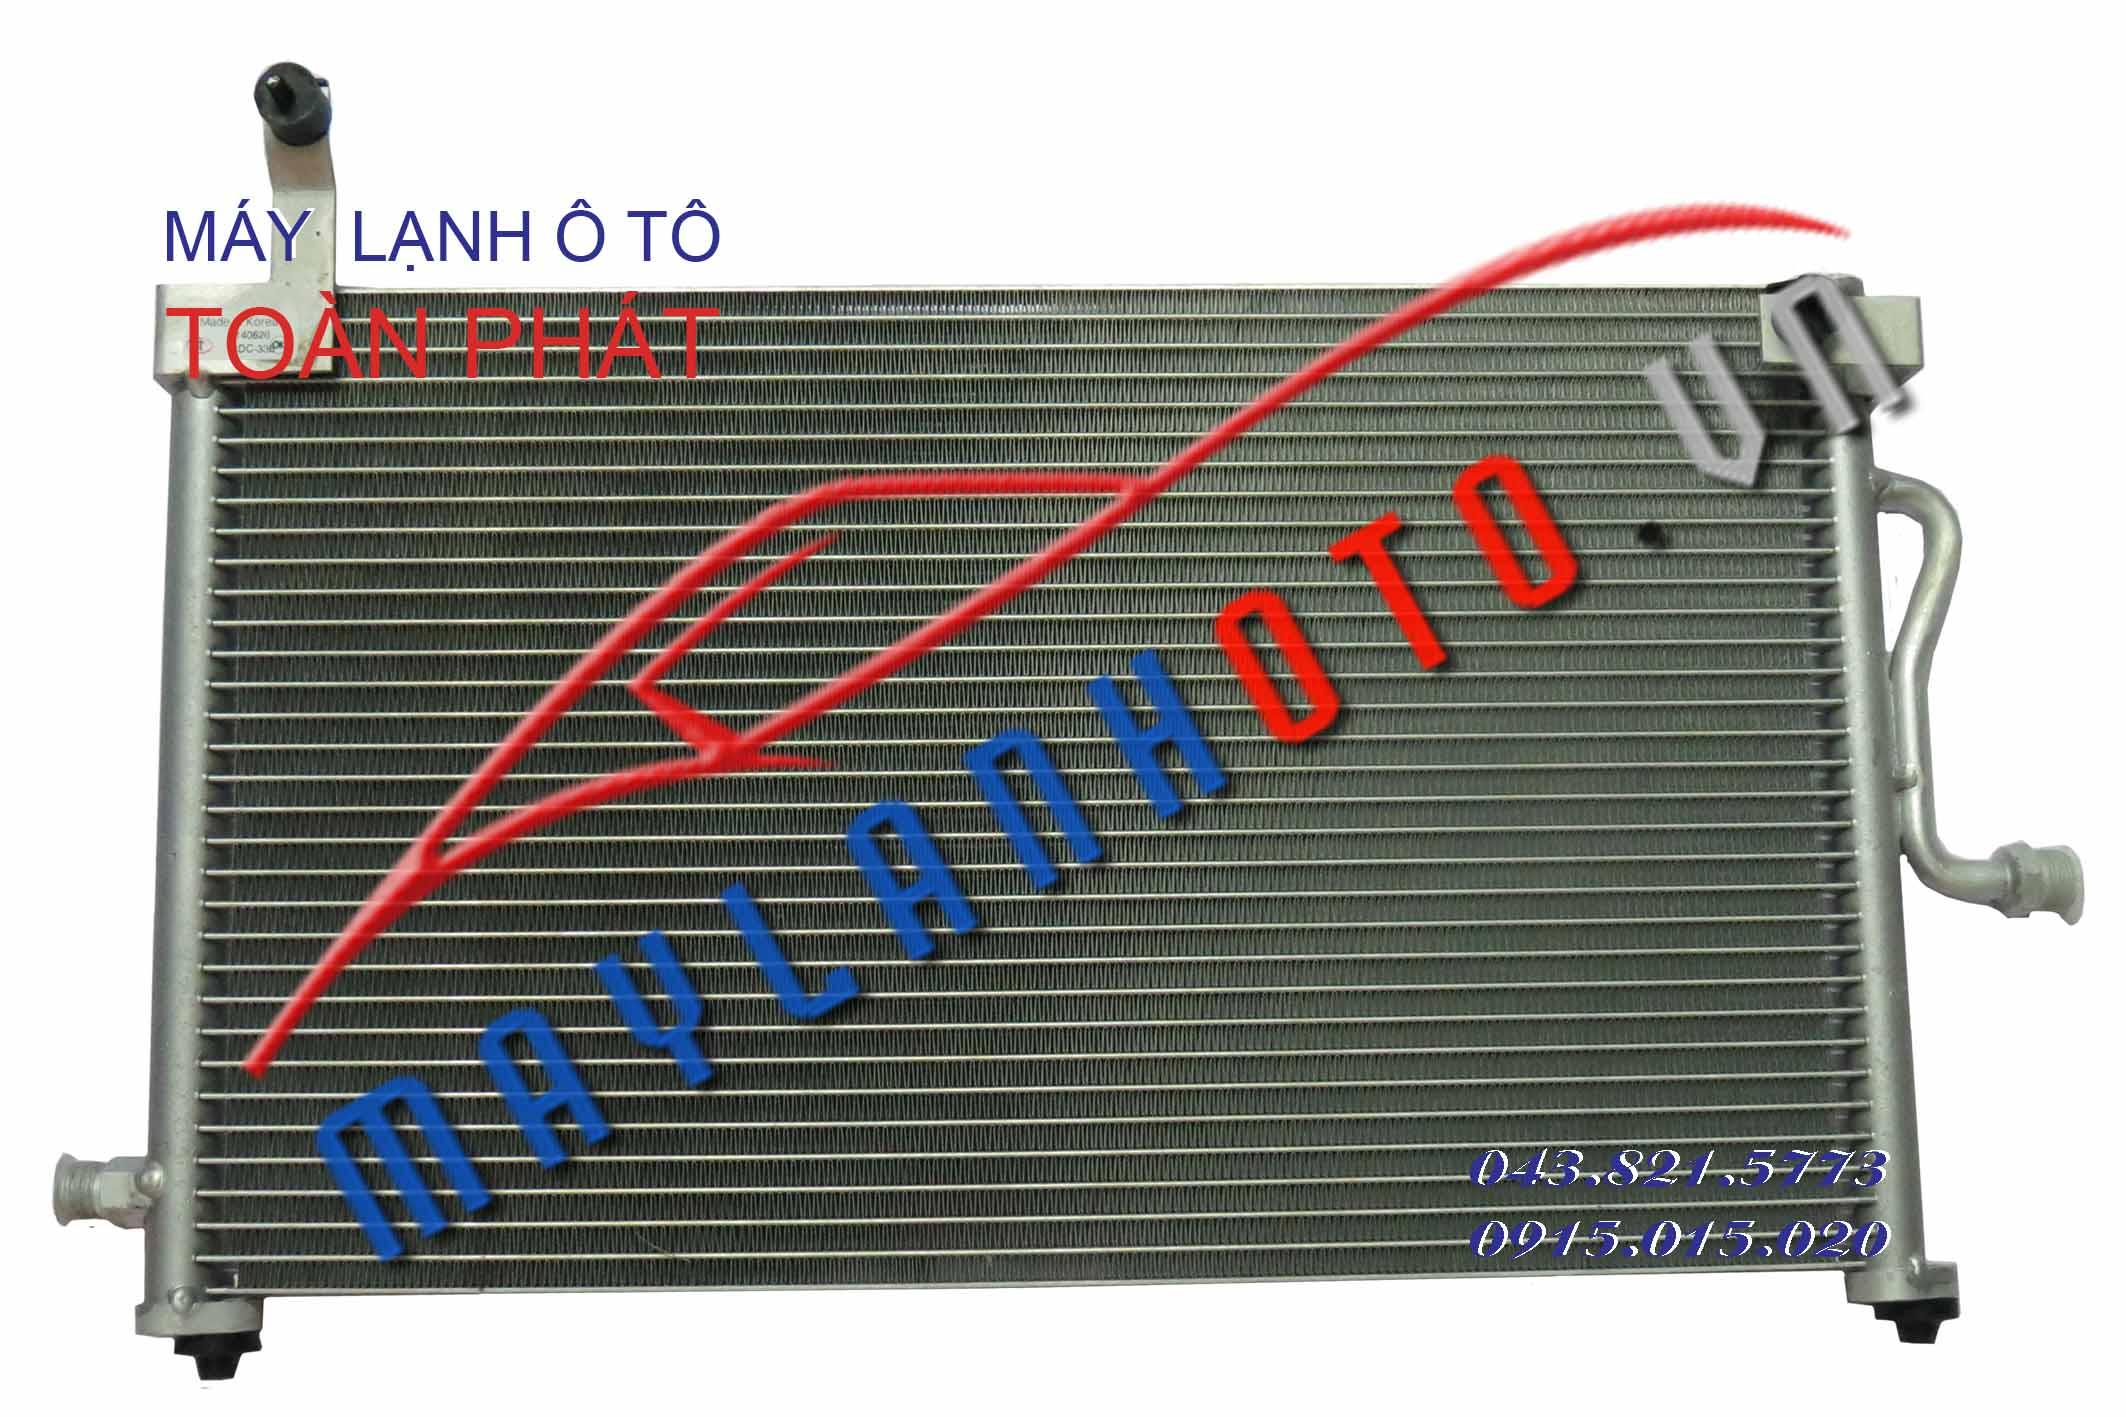 Matiz II / Giàn nóng điều hòa Daewoo Matiz 2 / Dàn nóng điều hòa Daewoo Matiz 2